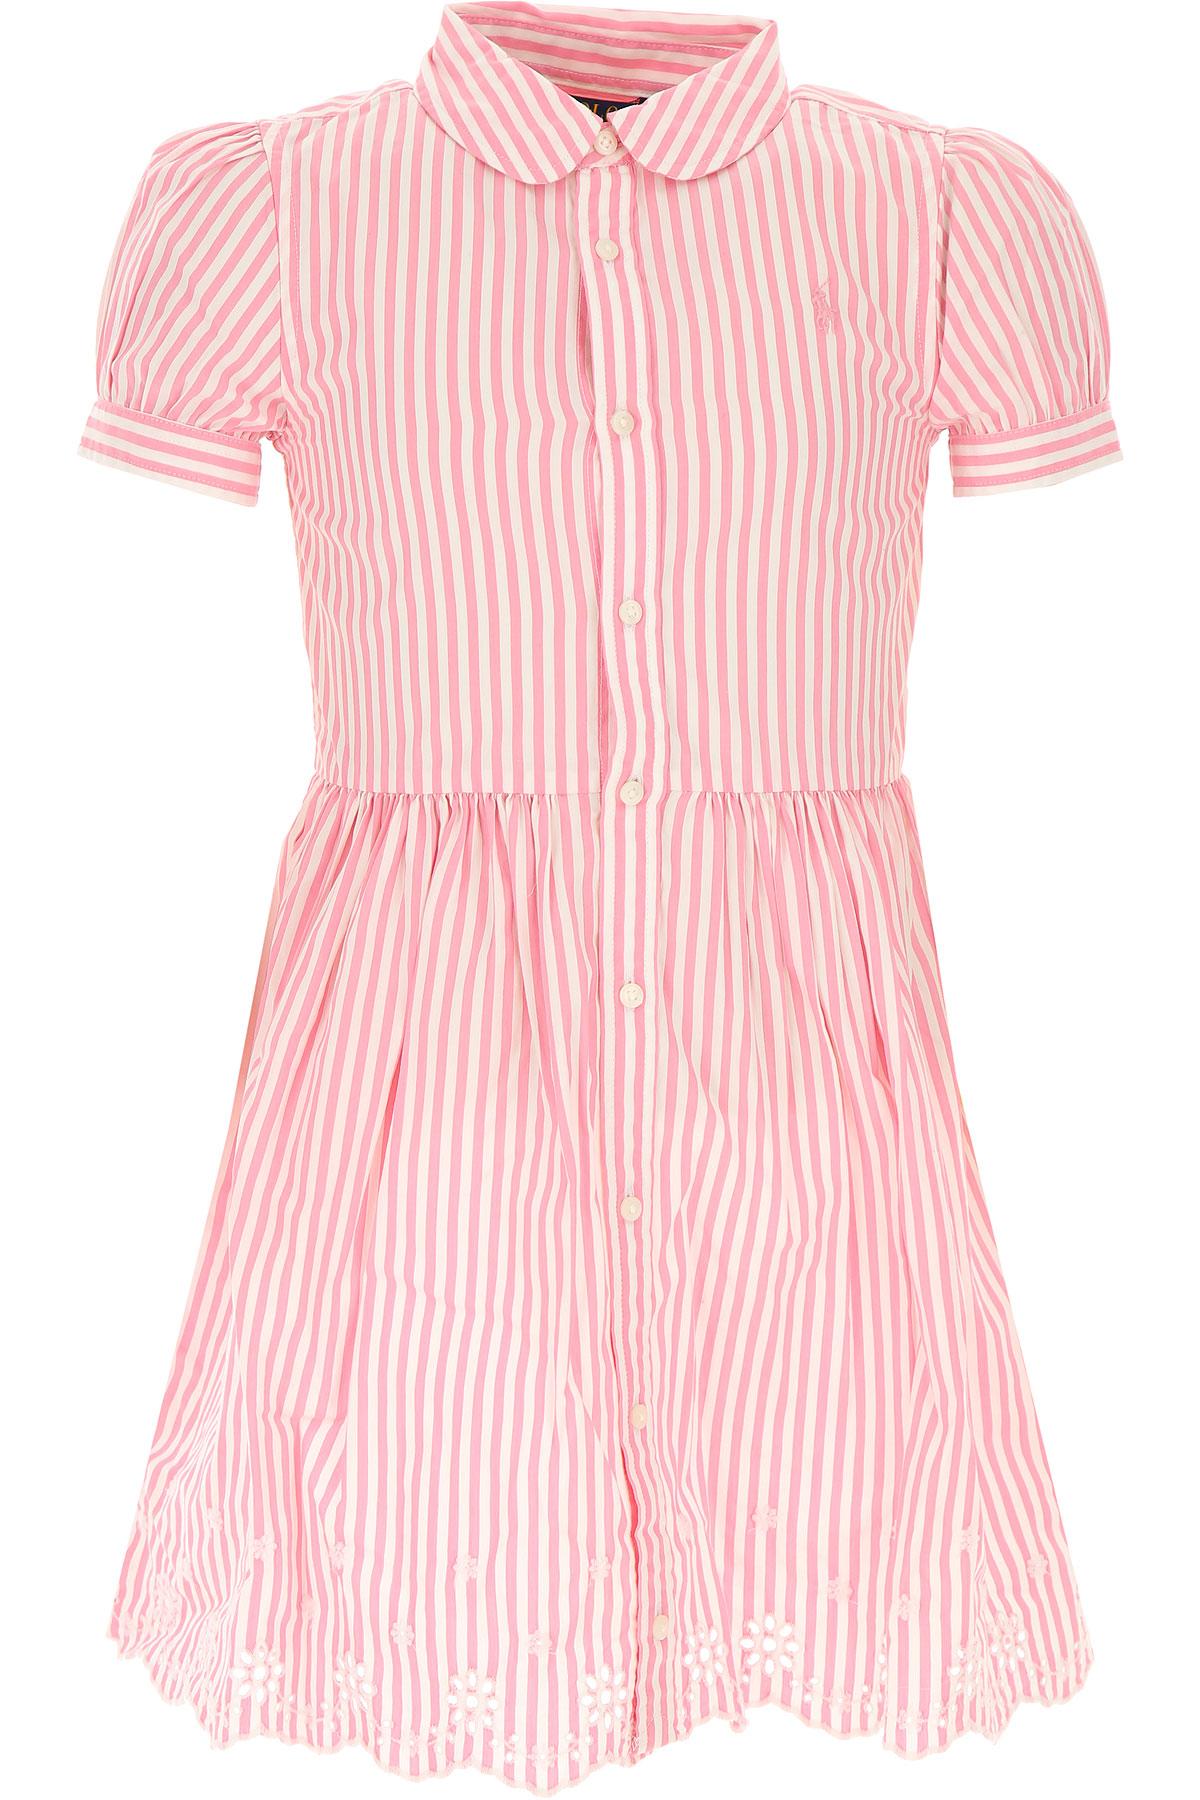 Ralph Lauren Girls Dress, Pink, Cotton, 2017, 2Y 3Y 4Y 5Y 6Y 7Y USA-441243